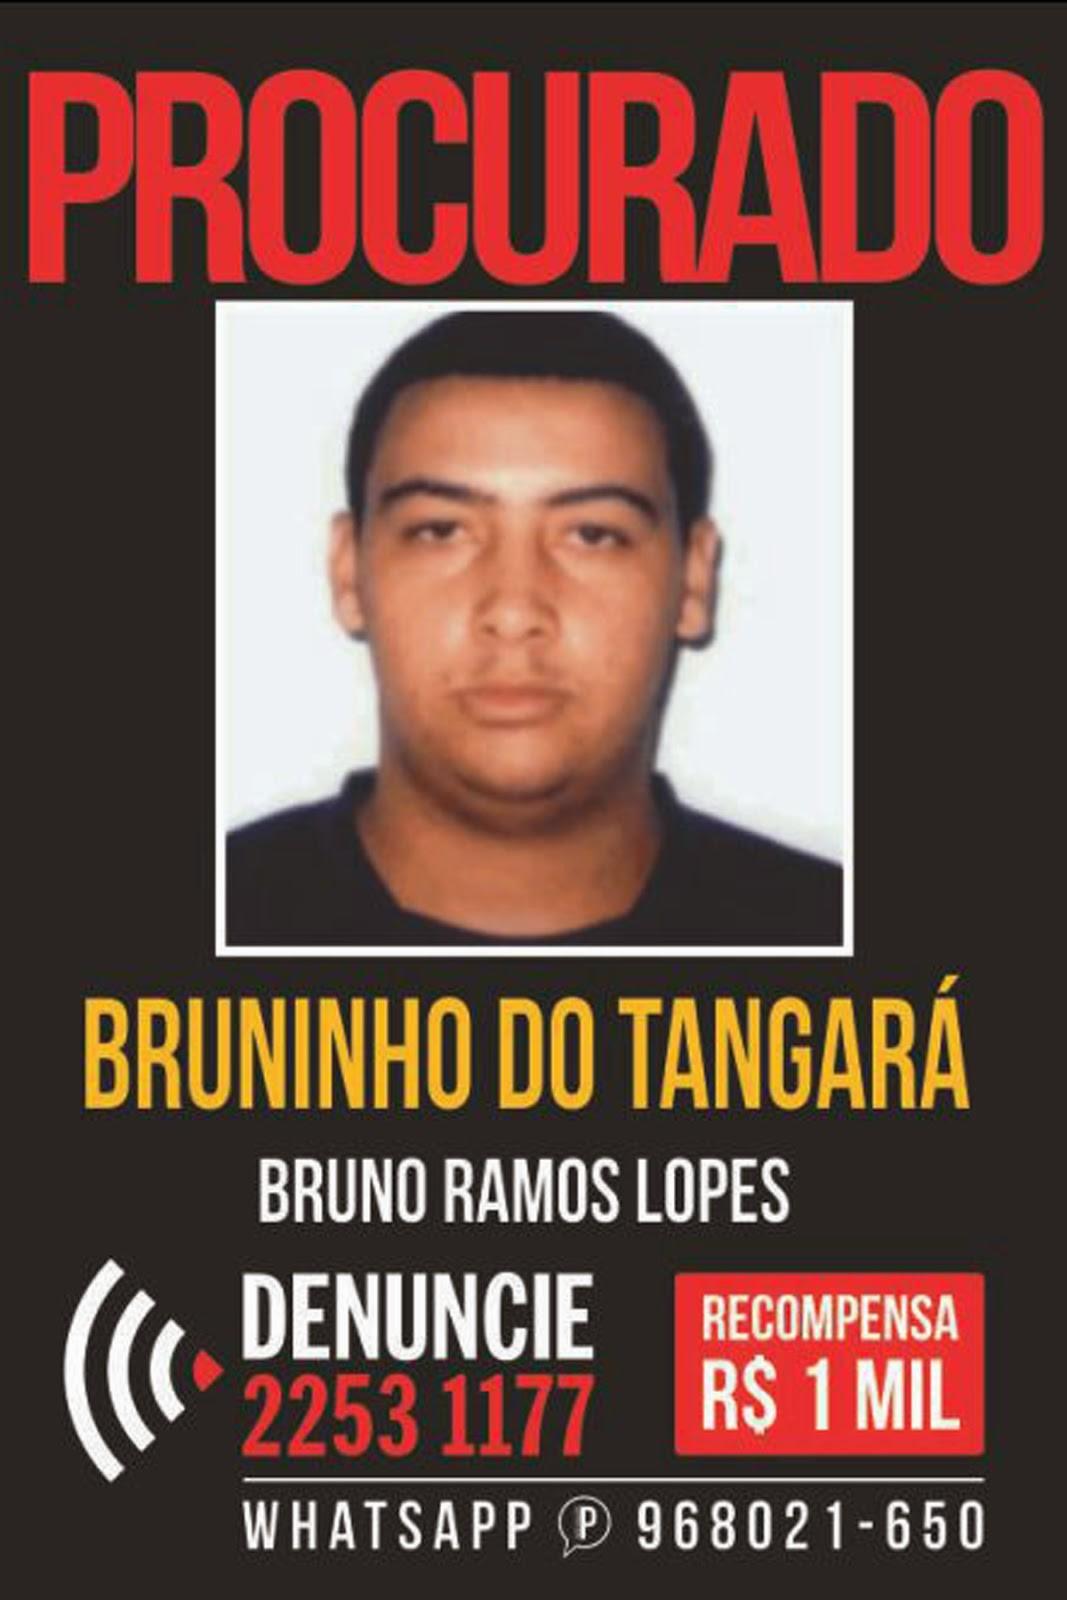 Bruninho do Tangará está sendo procurado (Foto: Reprodução)